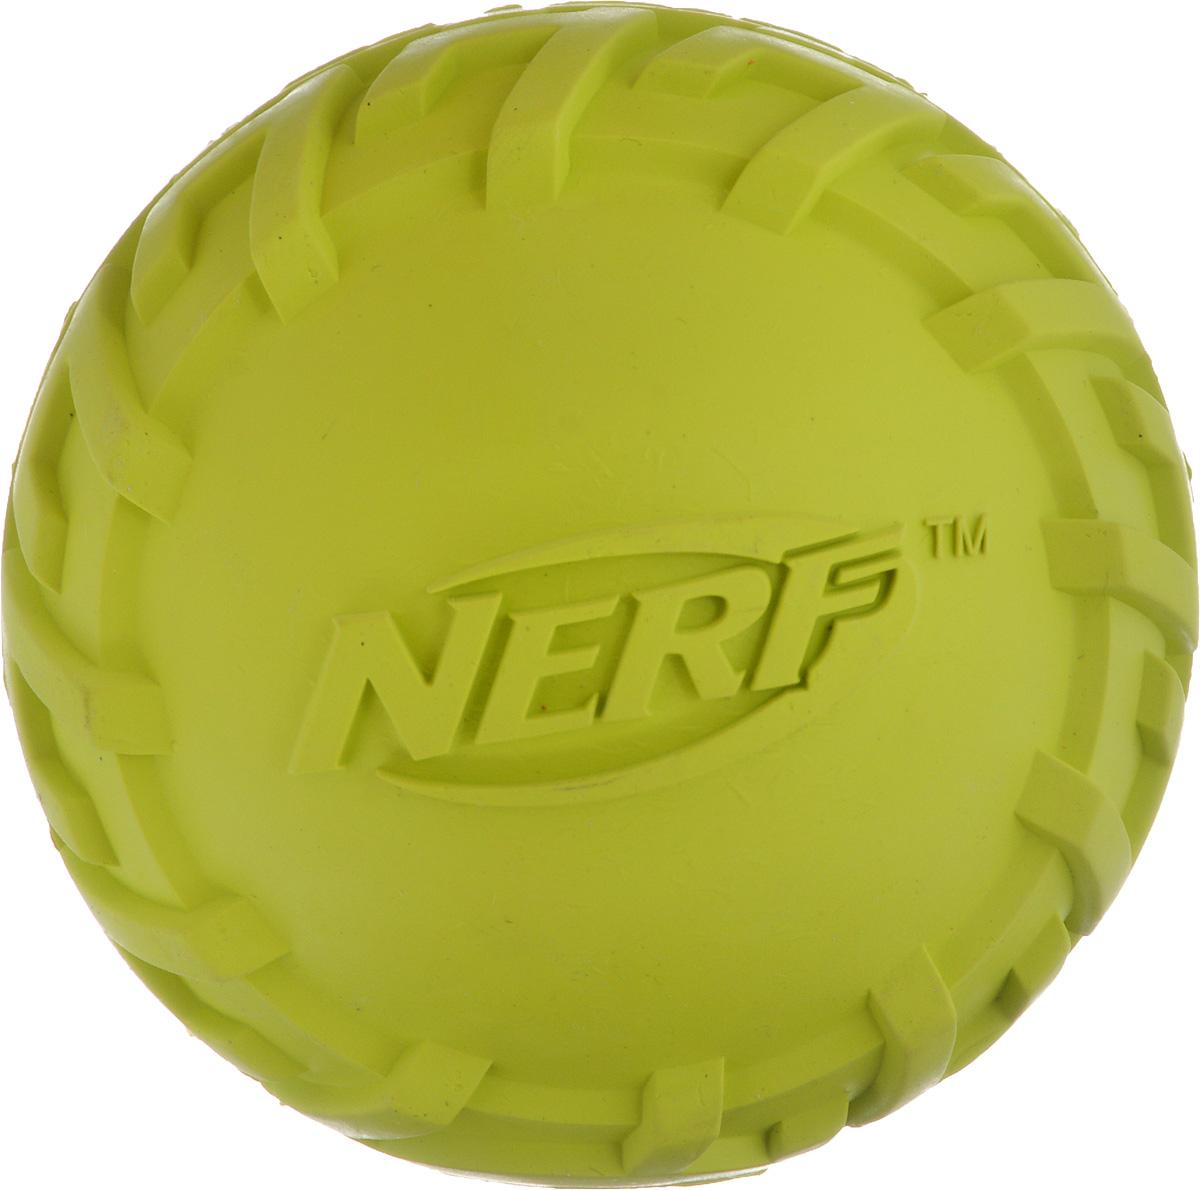 Игрушка для собак Nerf Шина. Мяч, с пищалкой, диаметр 7,5 см22422_салатовыйИгрушка для собак Nerf Шина. Мяч выполнена из резины в форме мяча с уникальным рисунком протектора шины. Игрушка оснащена пищалкой, что вызовет дополнительный интерес вашего питомца. Такая игрушка порадует вашего любимца, а вам доставит массу приятных эмоций, ведь наблюдать за игрой всегда интересно и приятно. Диаметр игрушки: 7,5 см.